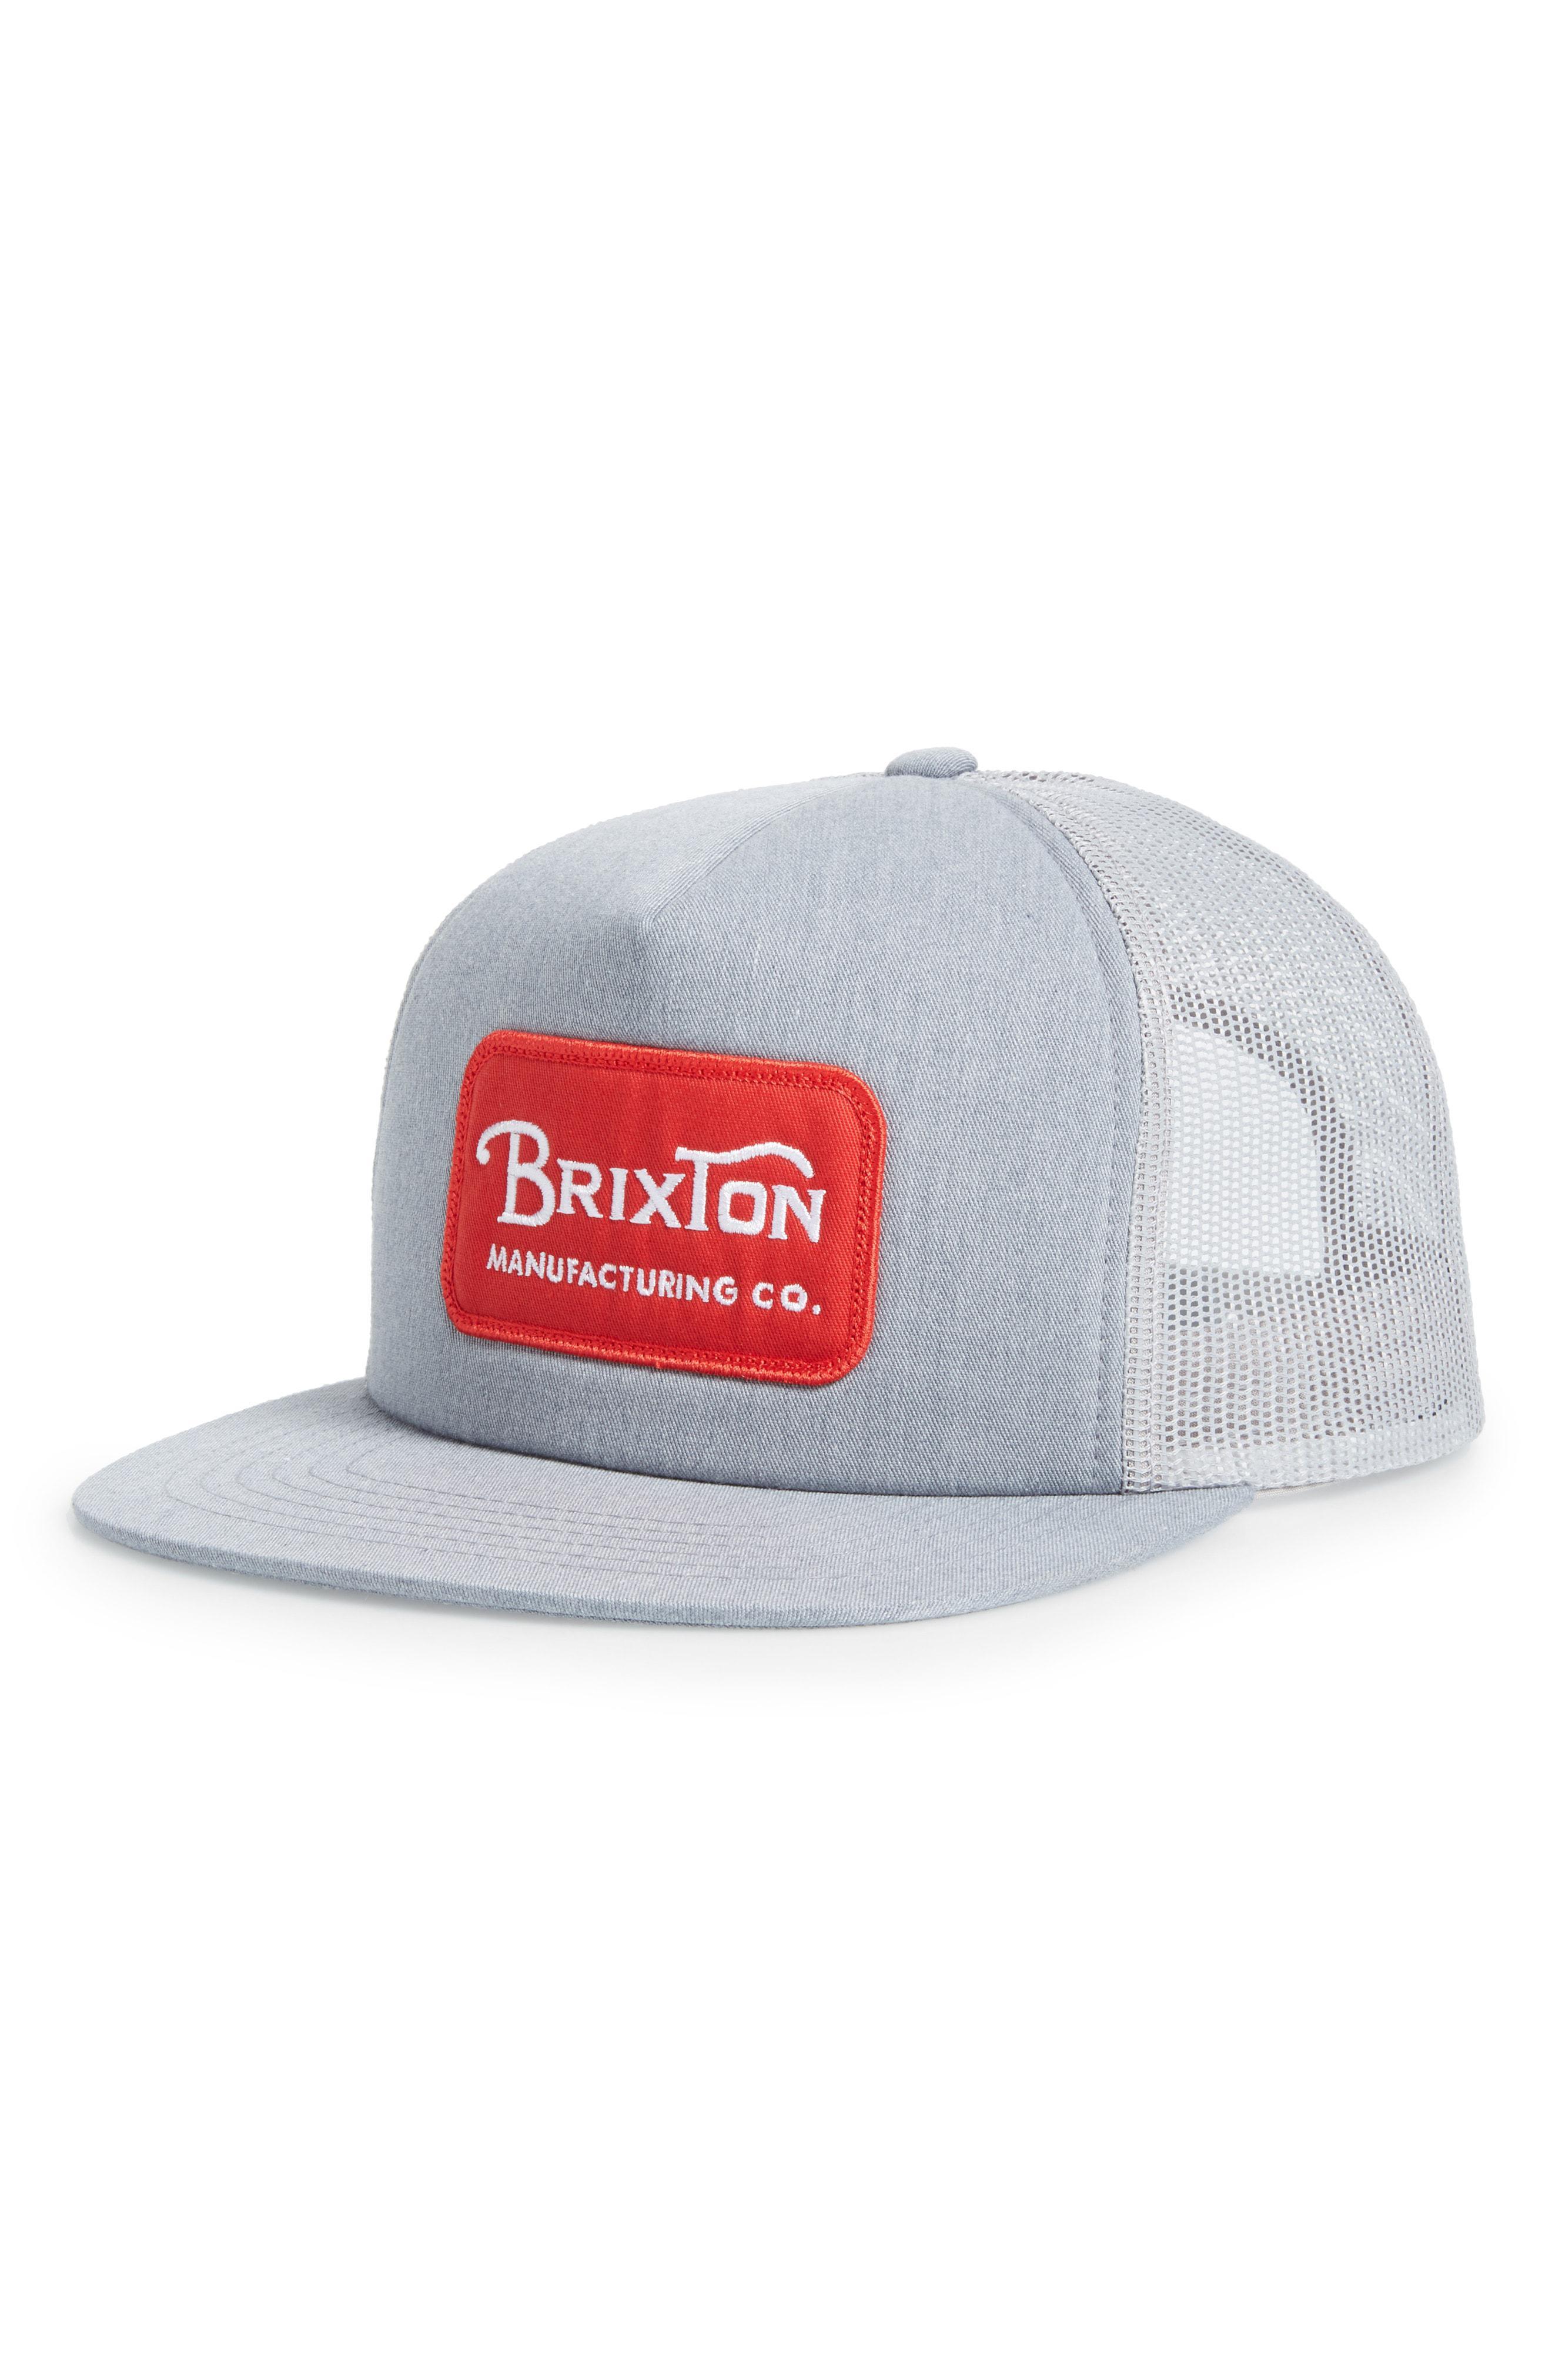 Lyst - Brixton Grade Snapback Cap - for Men 5362cbc7818c